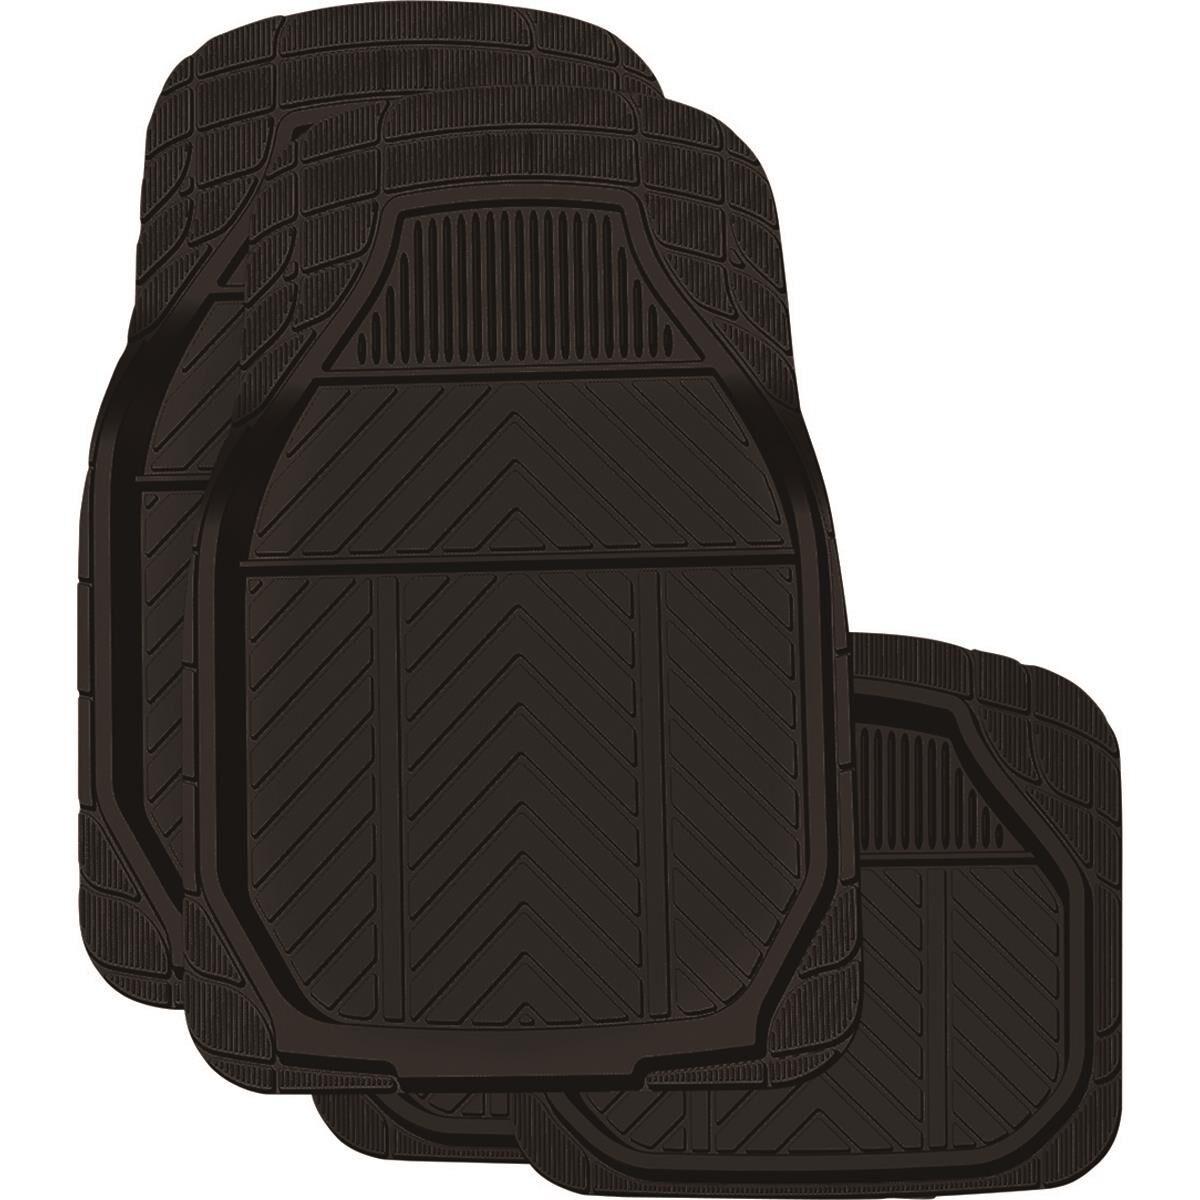 medium resolution of ridge ryder deep dish car floor mats rubber black set of 4 supercheap auto